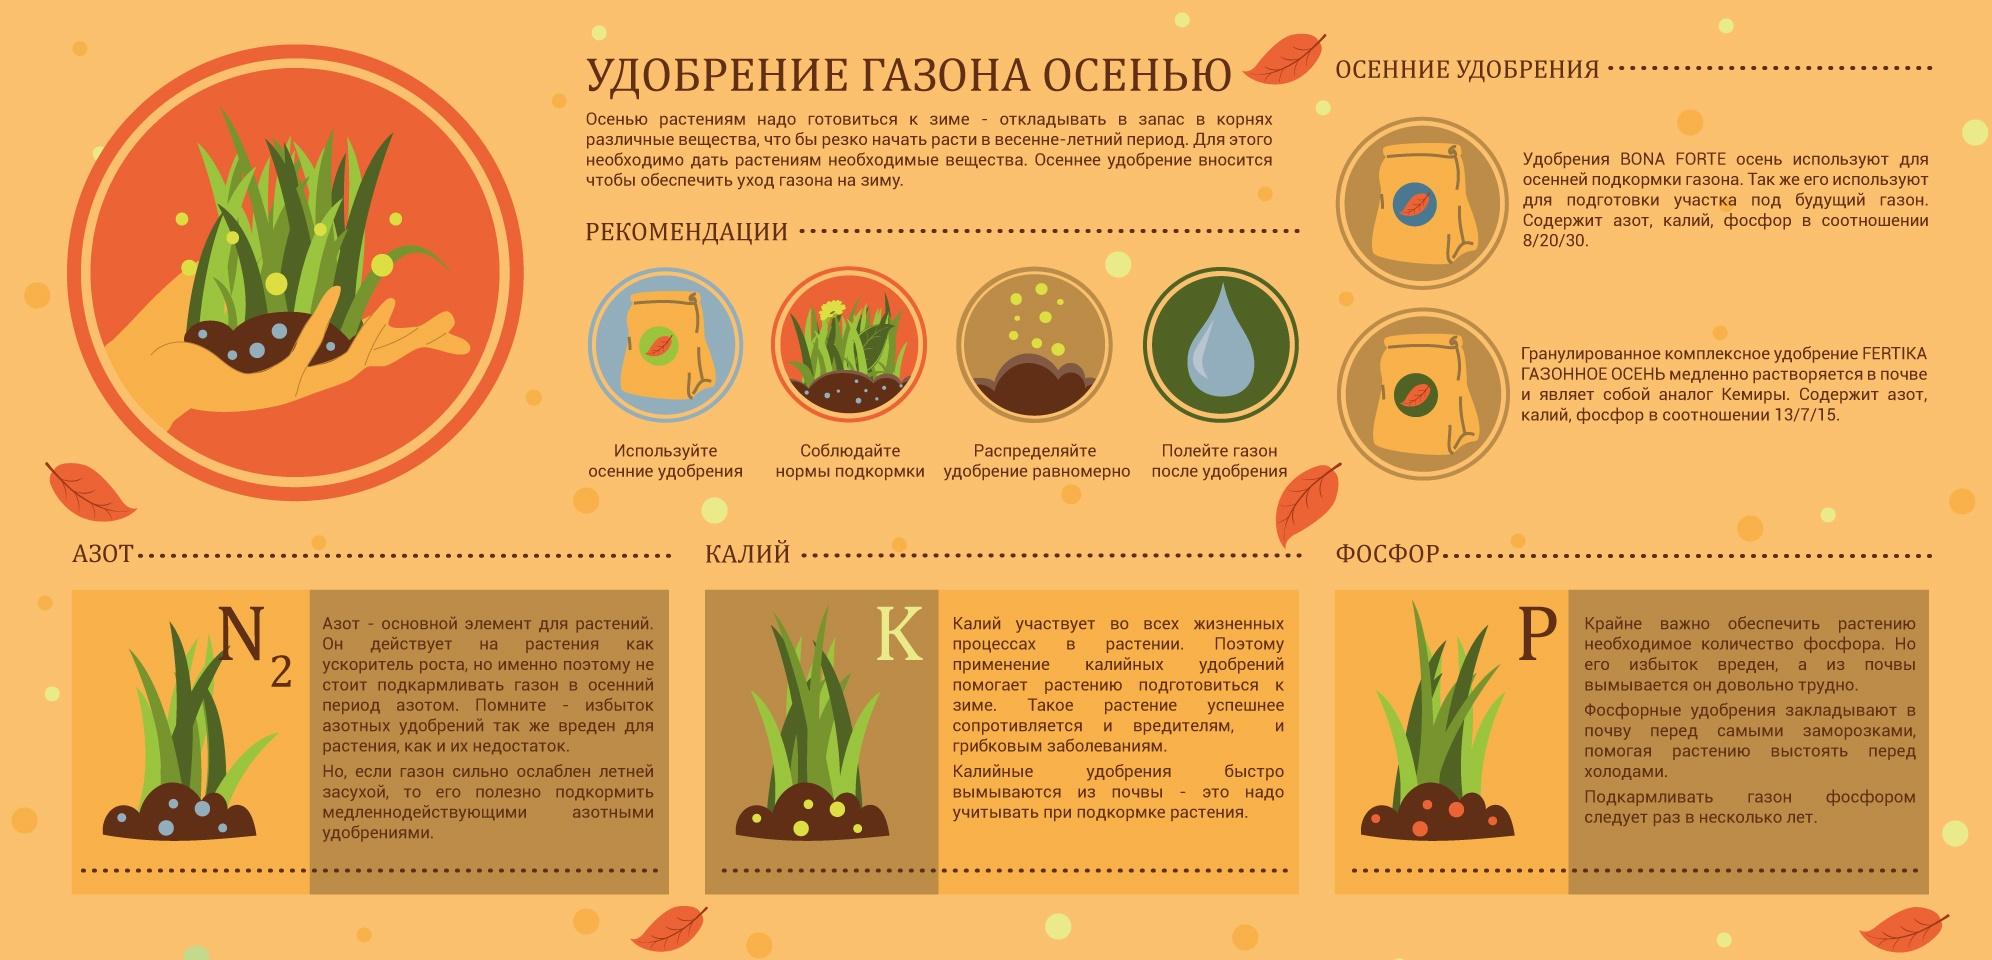 Удобрение газона осенью